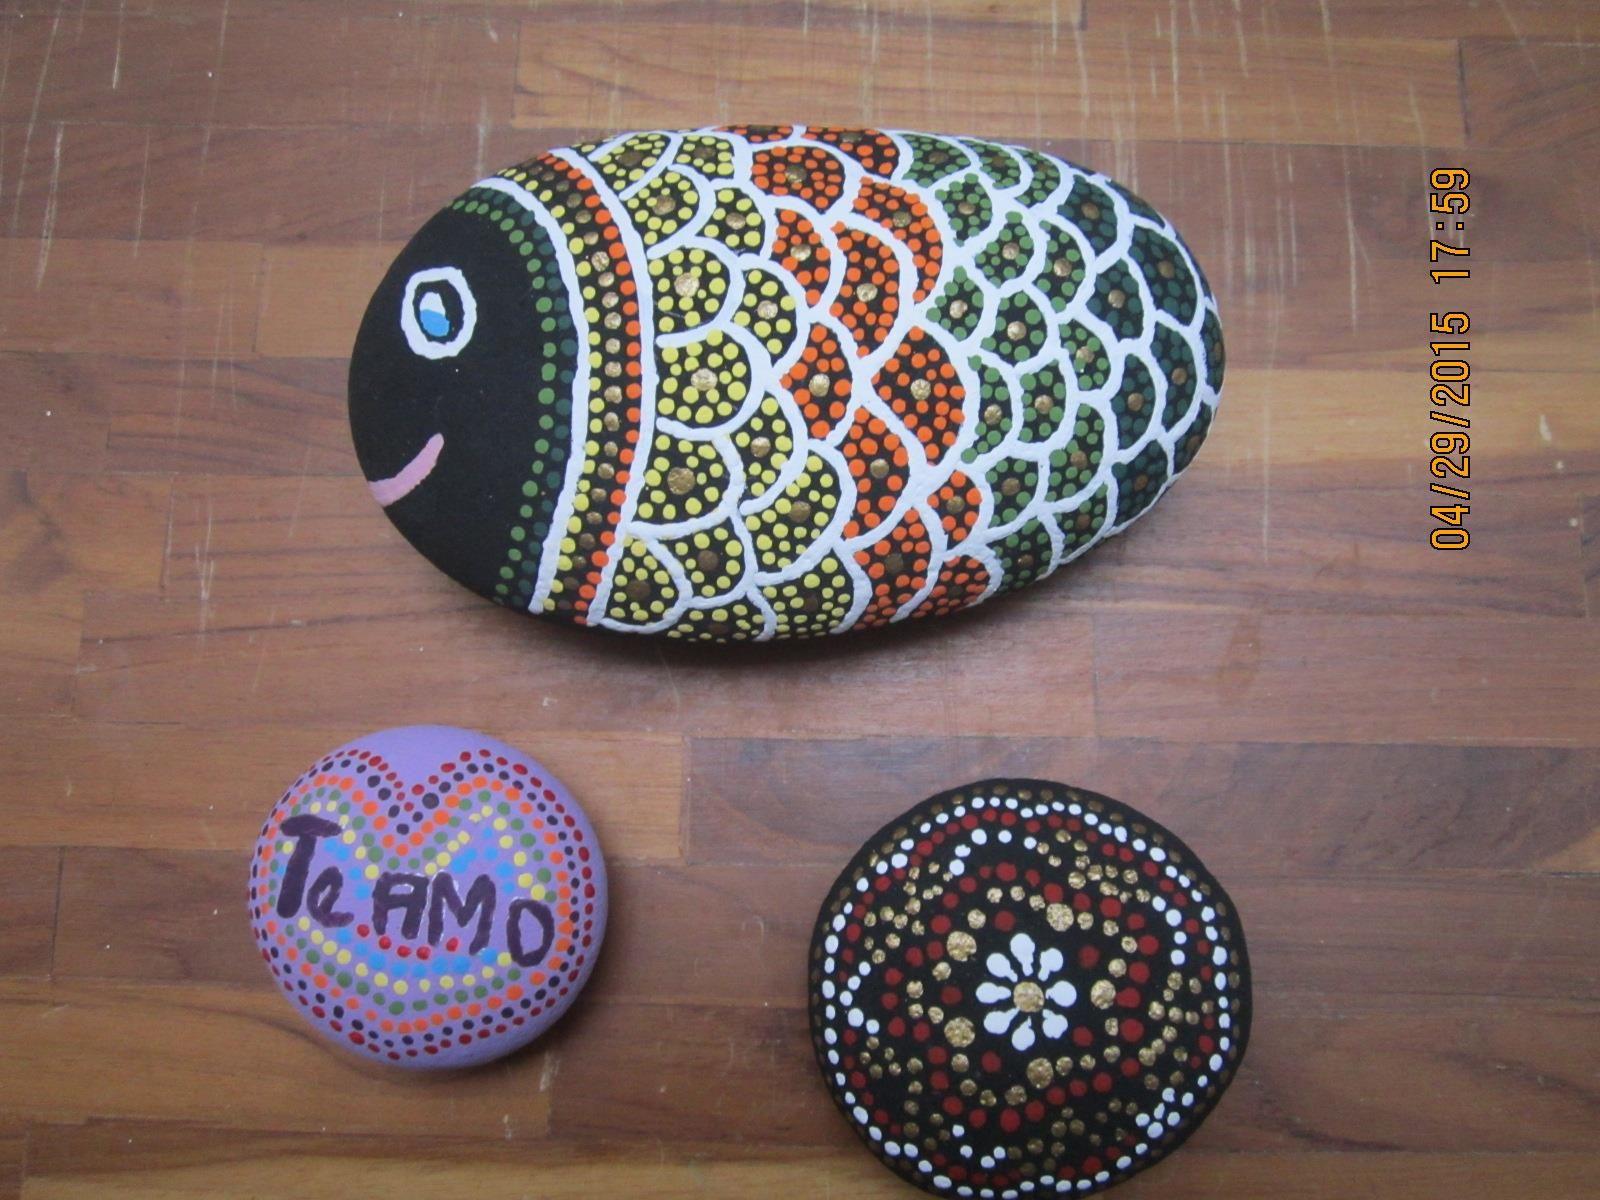 Piedra pintada con t cnica puntillismo por deyanira mis for Tecnica para pintar piedras